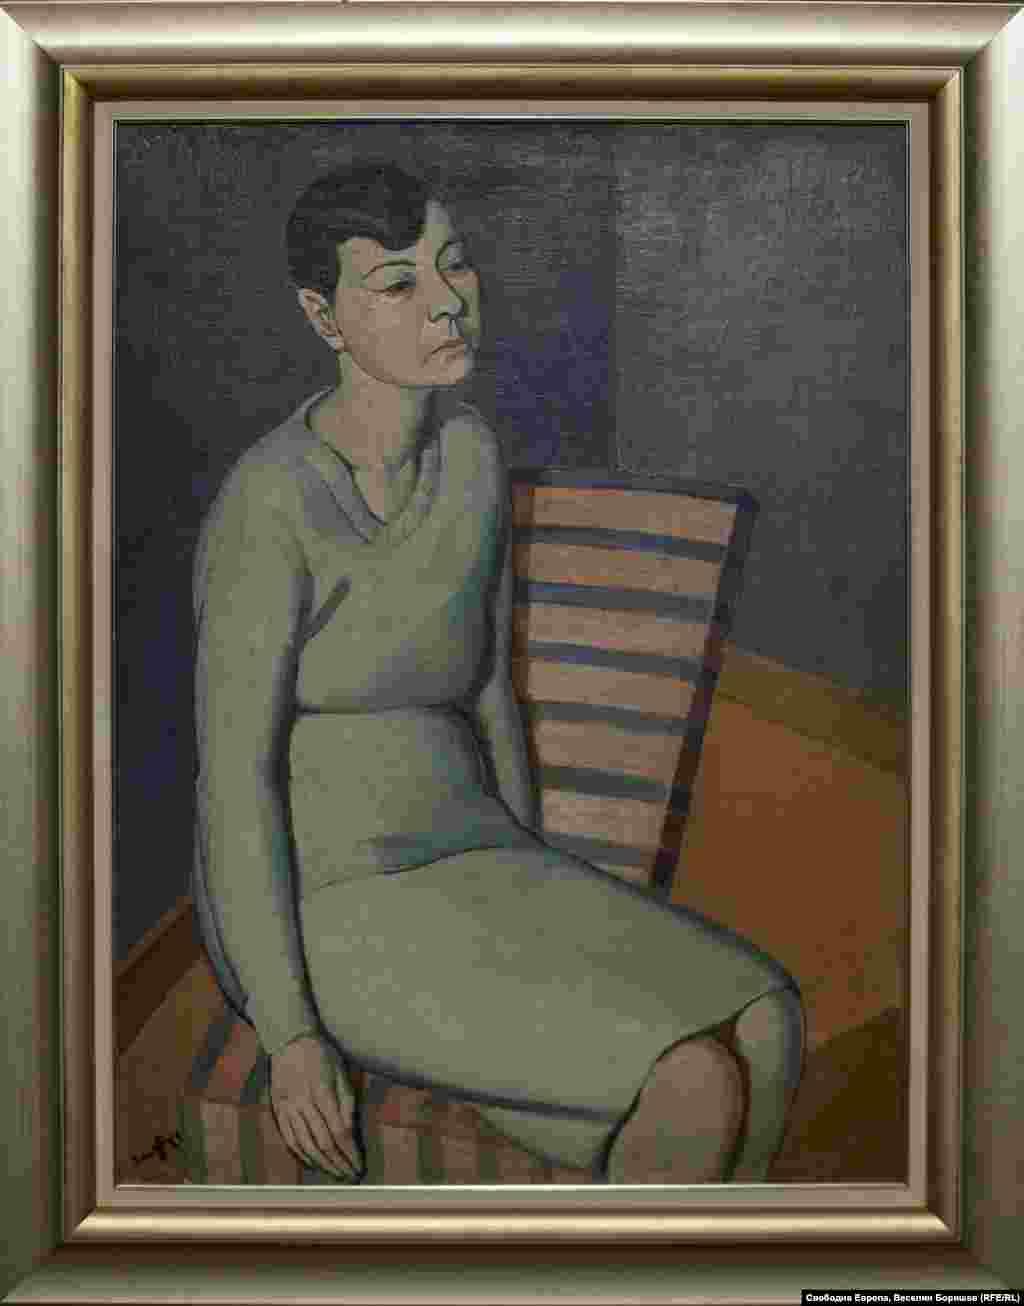 """Кирил Цонев, """"Жена със зелена рокля"""", 1929 г. Картината е рисувана в Германия и пренесена в България. През 20-те и 30-те години броят на вестниците и списанията, които се занимават с женска мода, рязко се увеличава."""